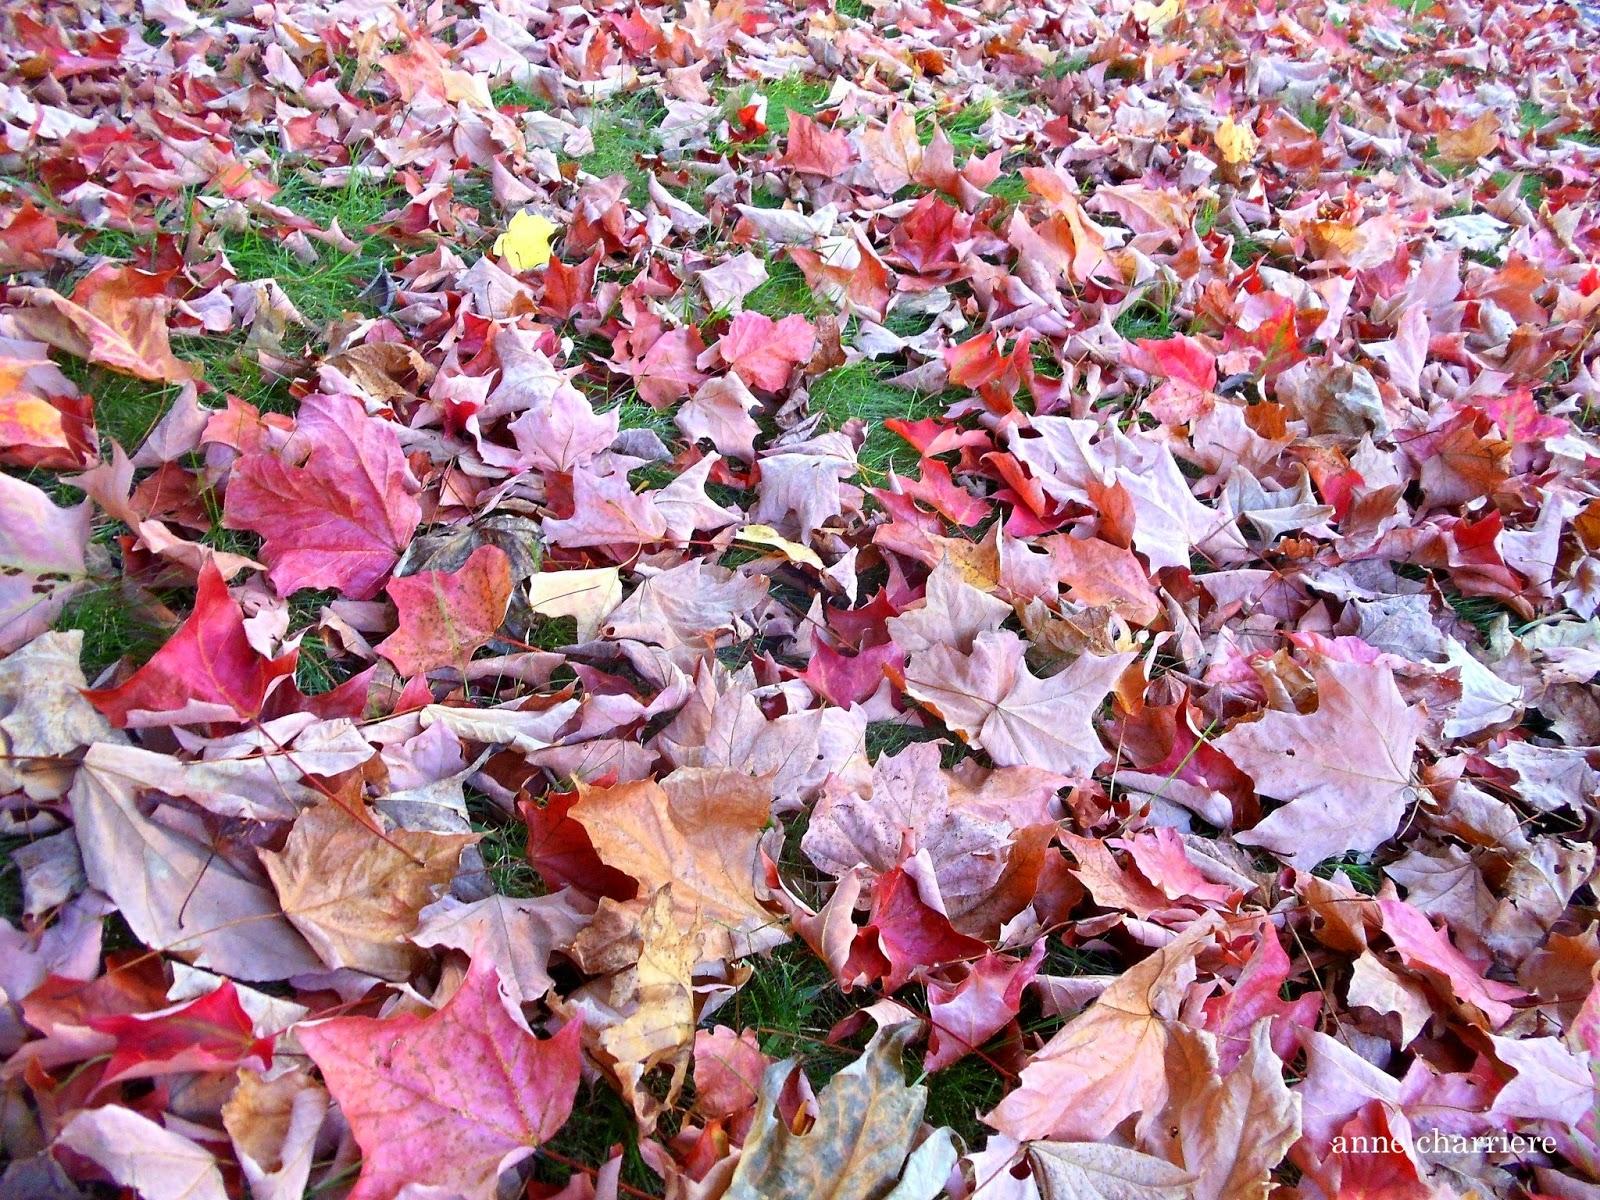 annecharriere.com, cambio de color de las hojas, colores de otoño,